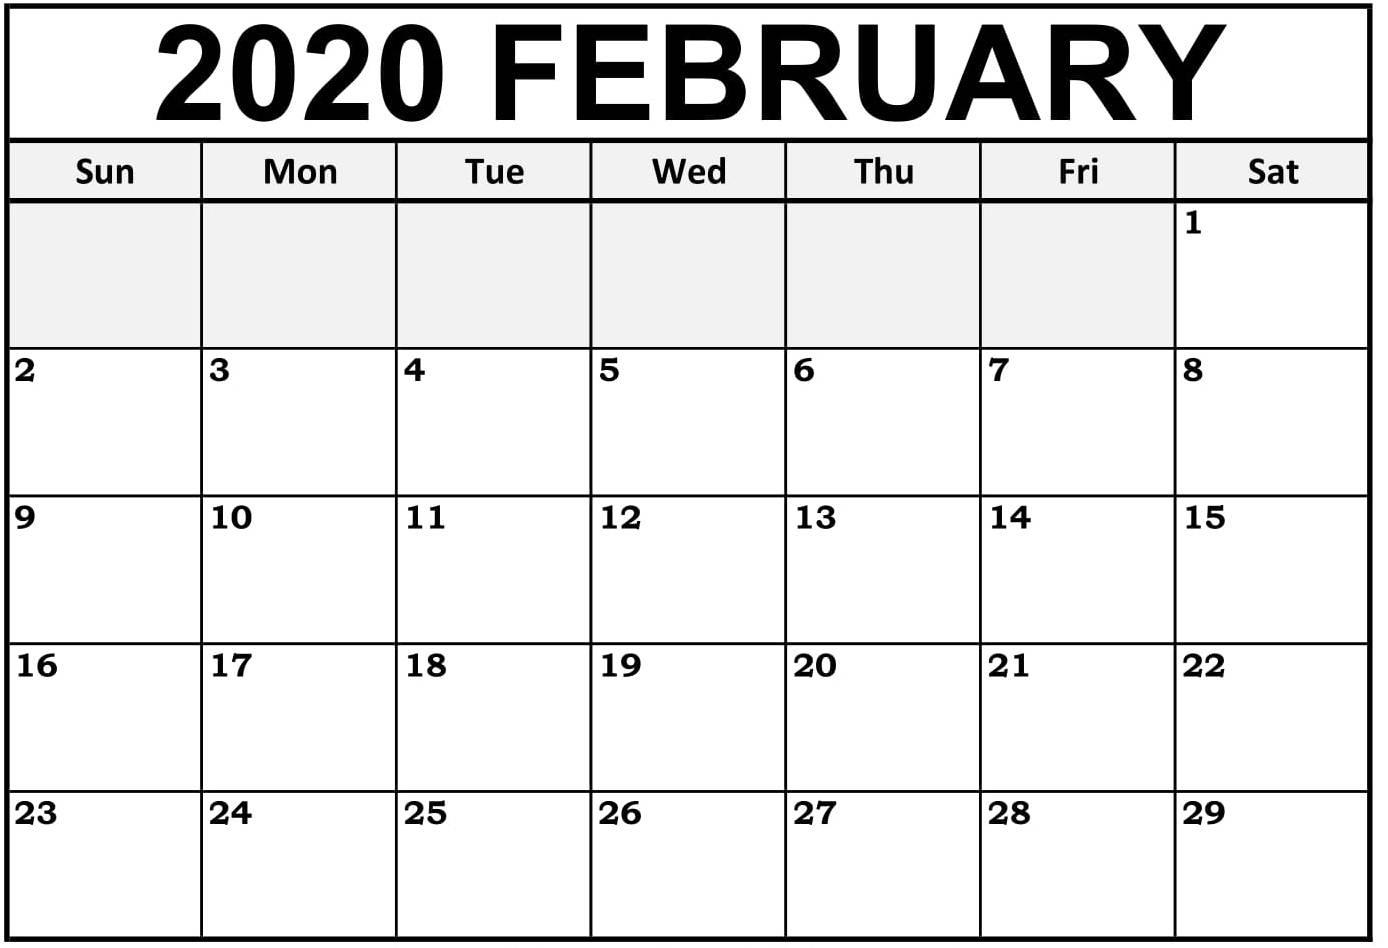 February 2020 Calendar Canada With Holidays Pdf - Set Your February 2020 Calendar Canada